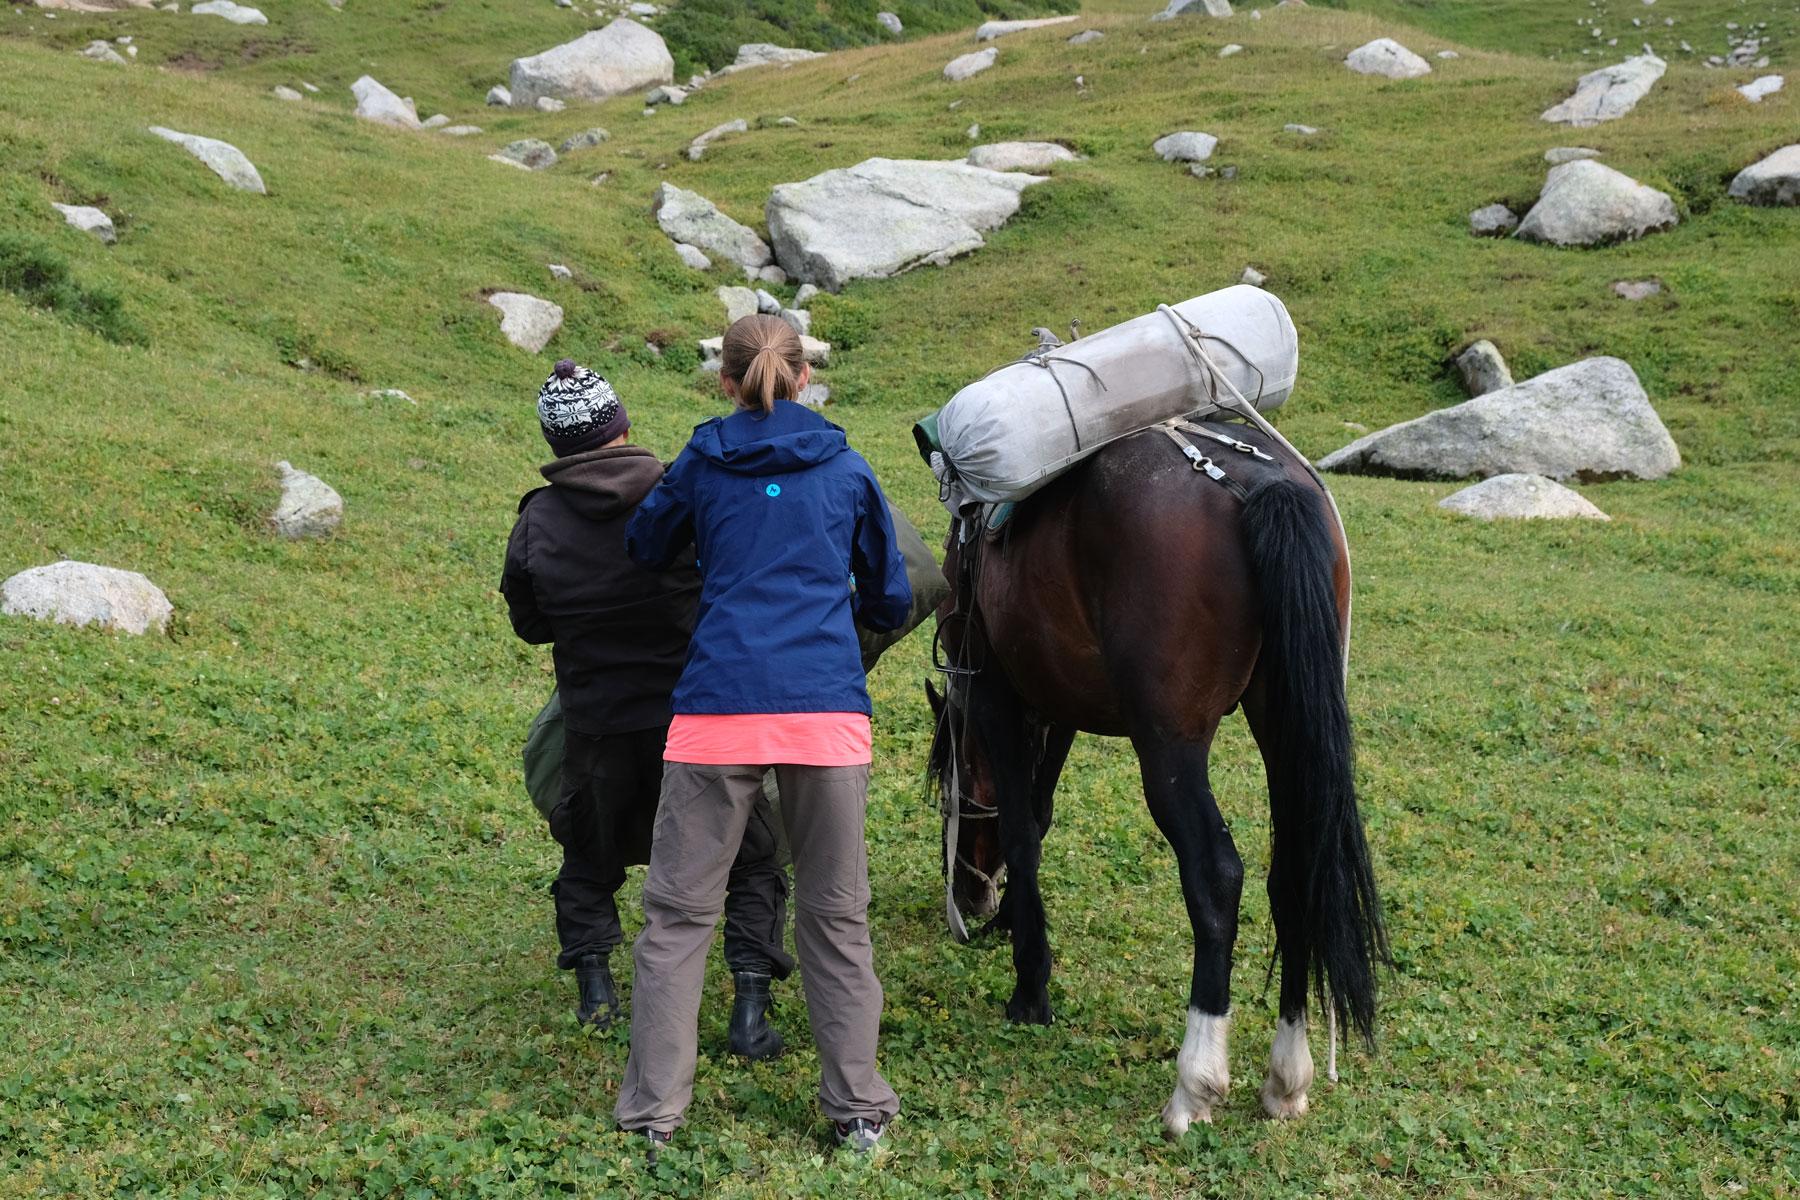 Endlich angekommen! Leo hilft Mika beim Abladen der schweren Satteltaschen.